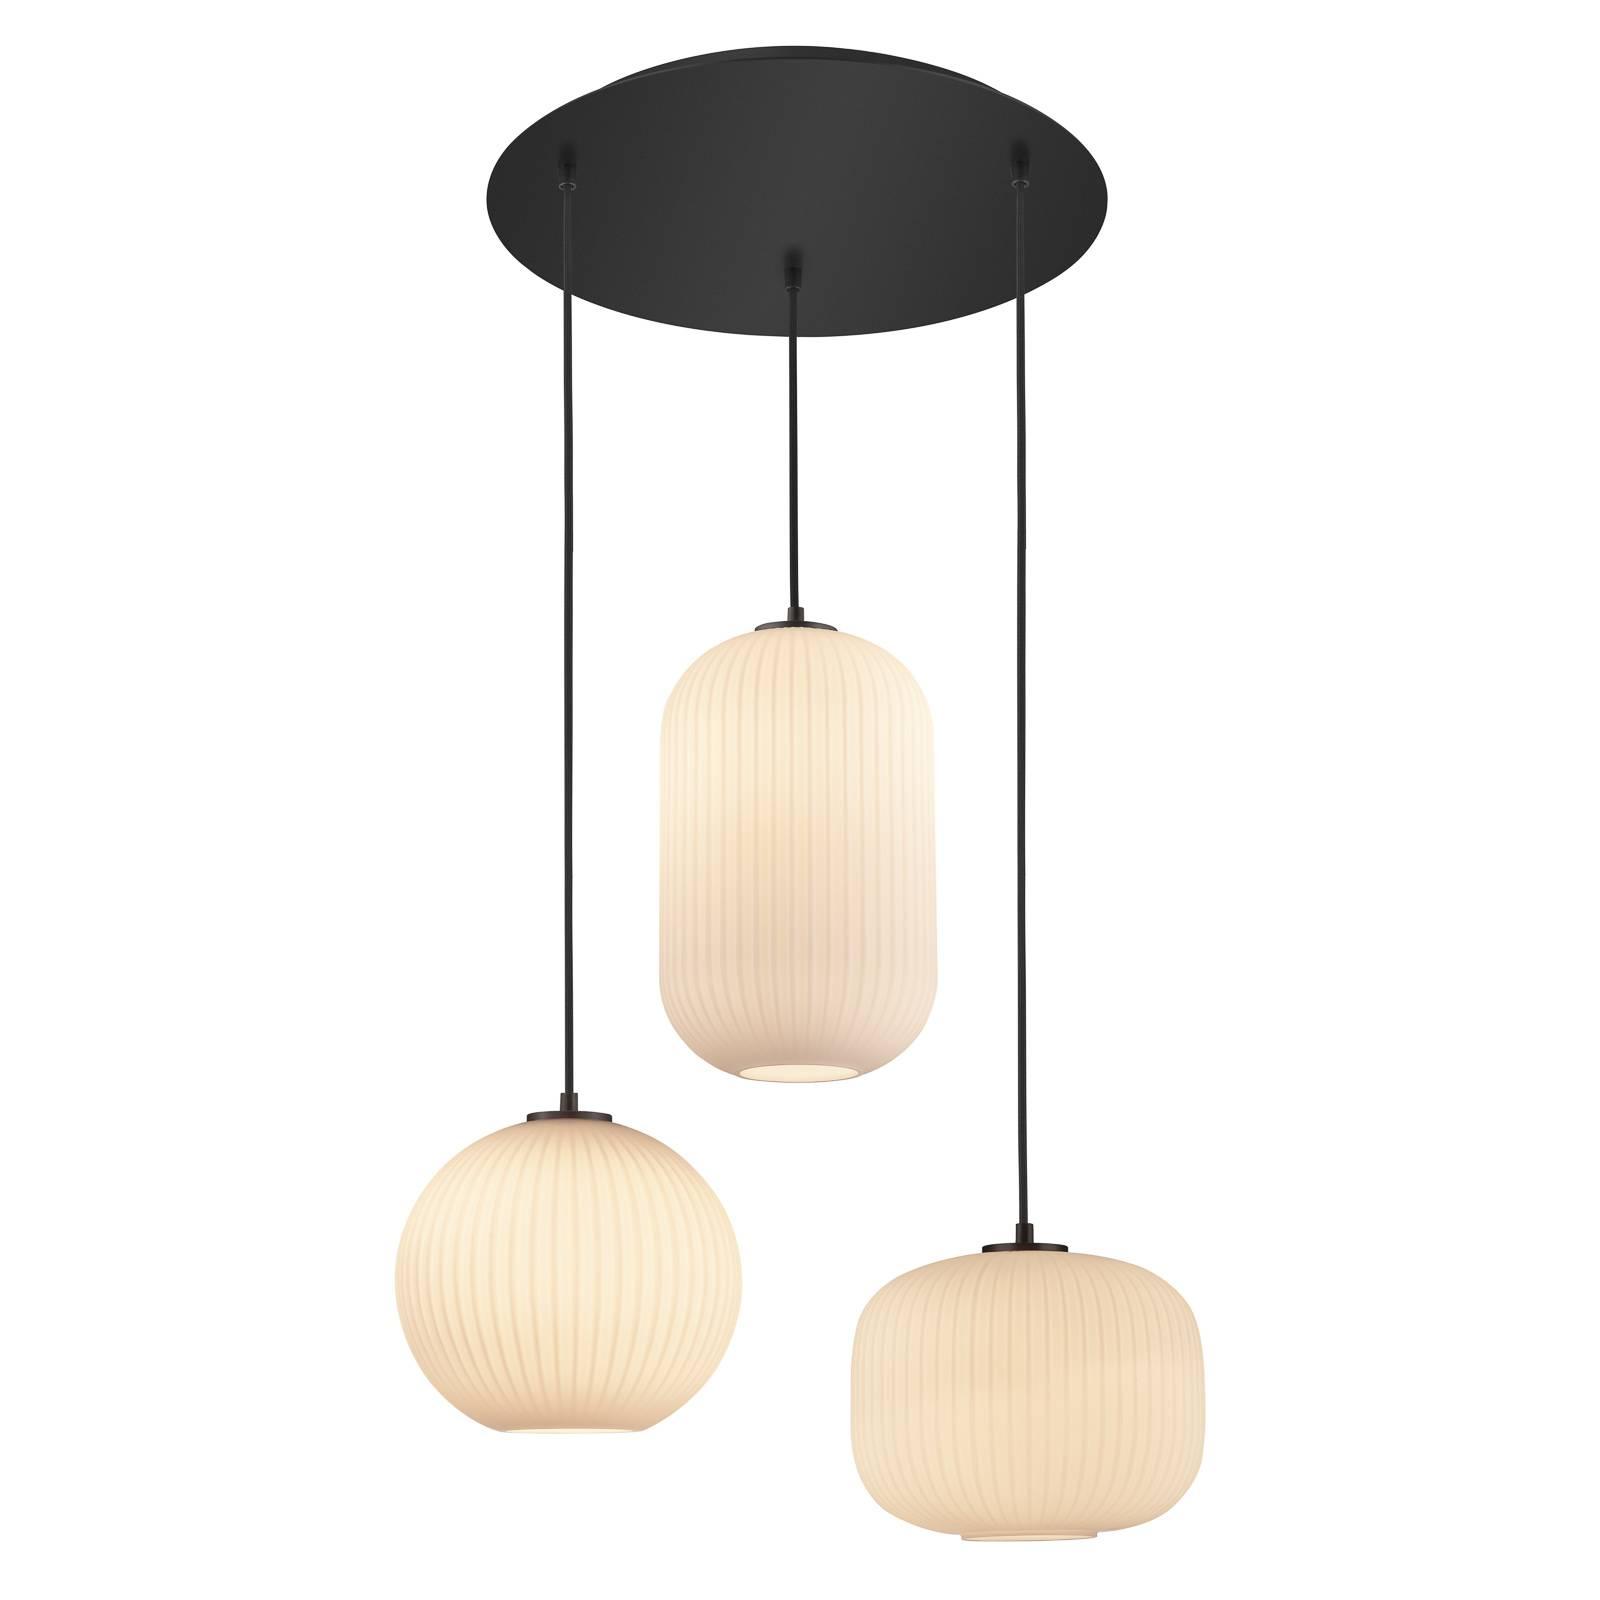 B-Leuchten Loft riippuvalaisin pyöreä 3-lamppuinen